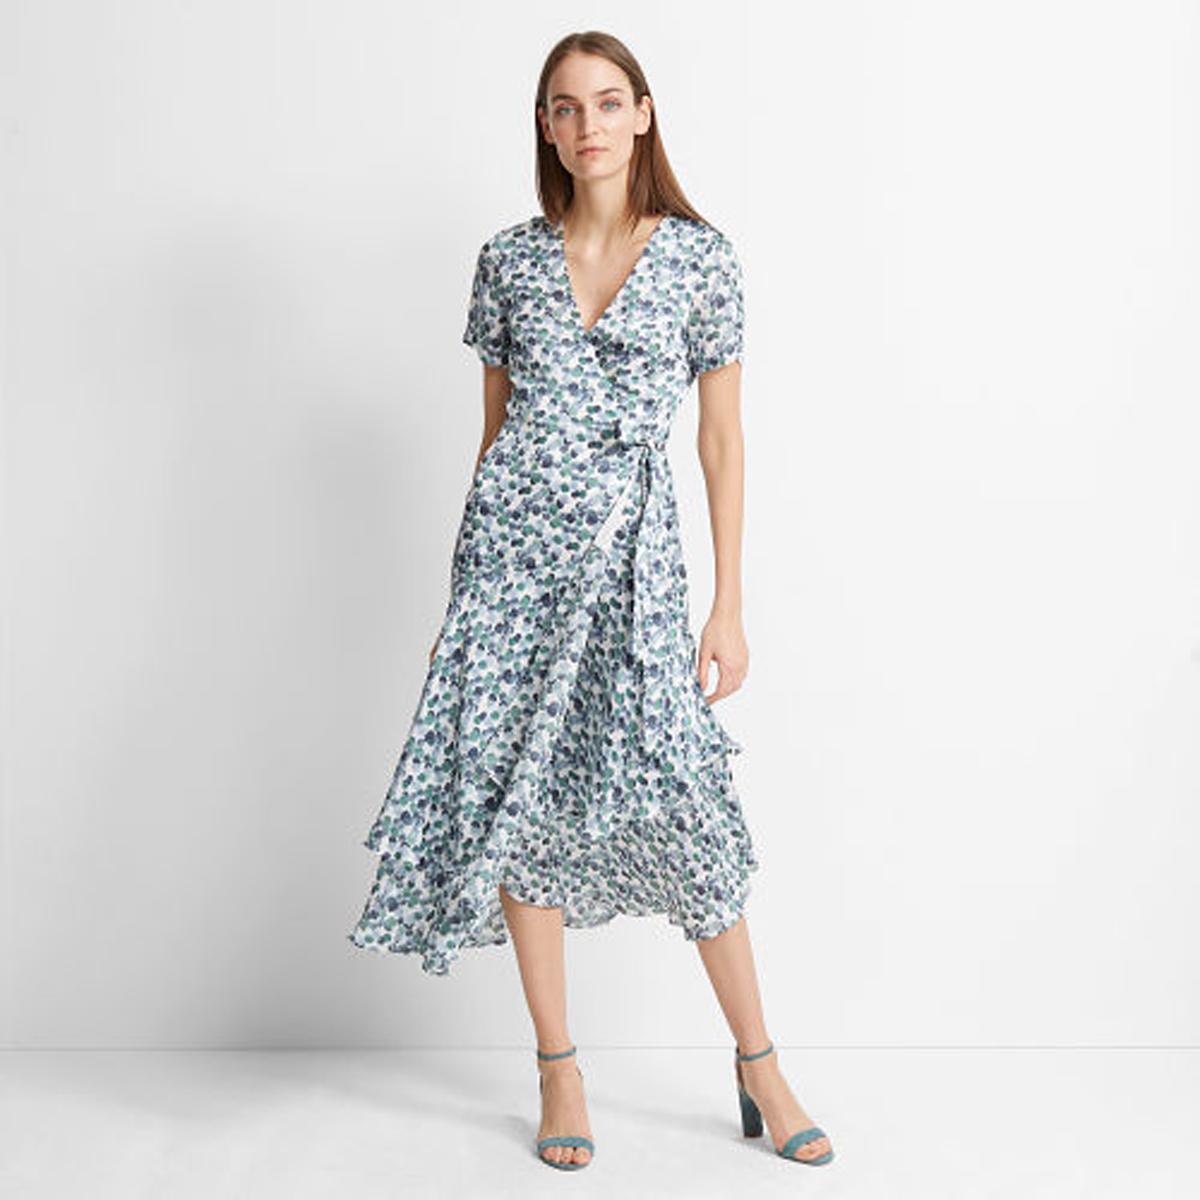 Zaydie Dress   HK$2,990